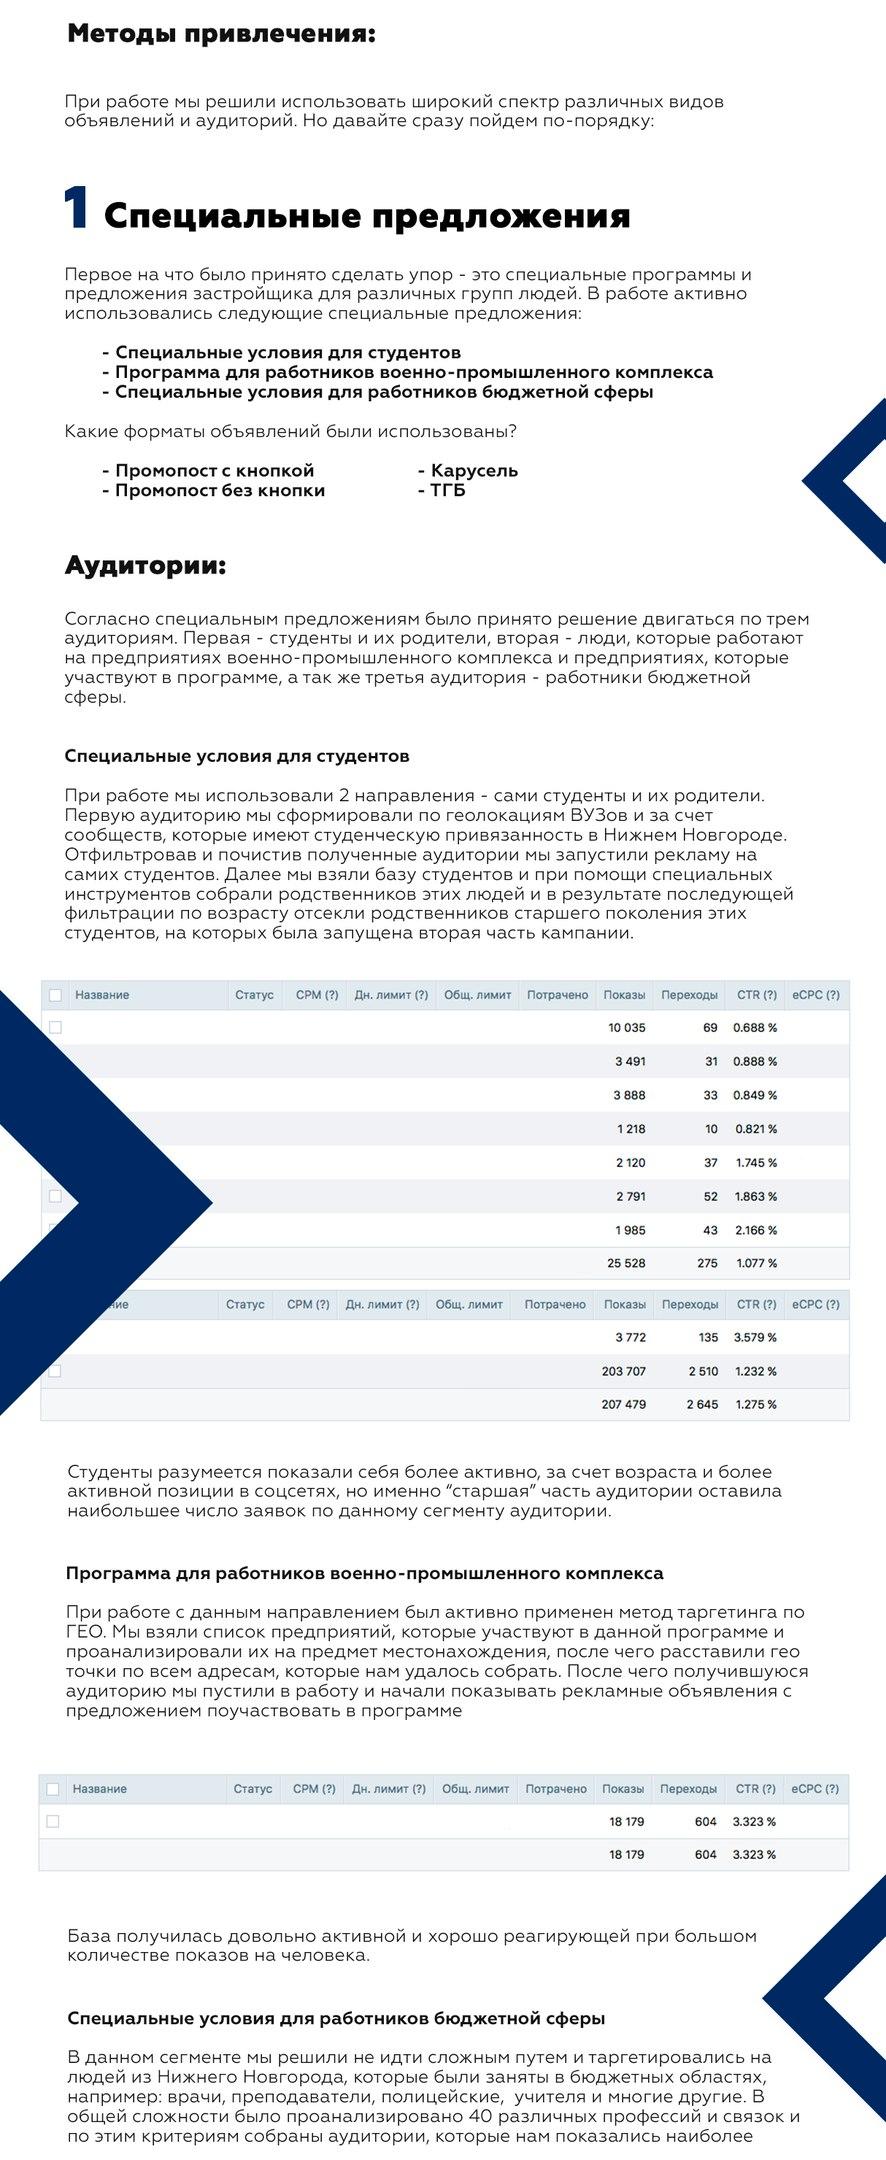 Продвижение крупного регионального застройщика в социальной сети Вконтакте. Часть 2, изображение №2